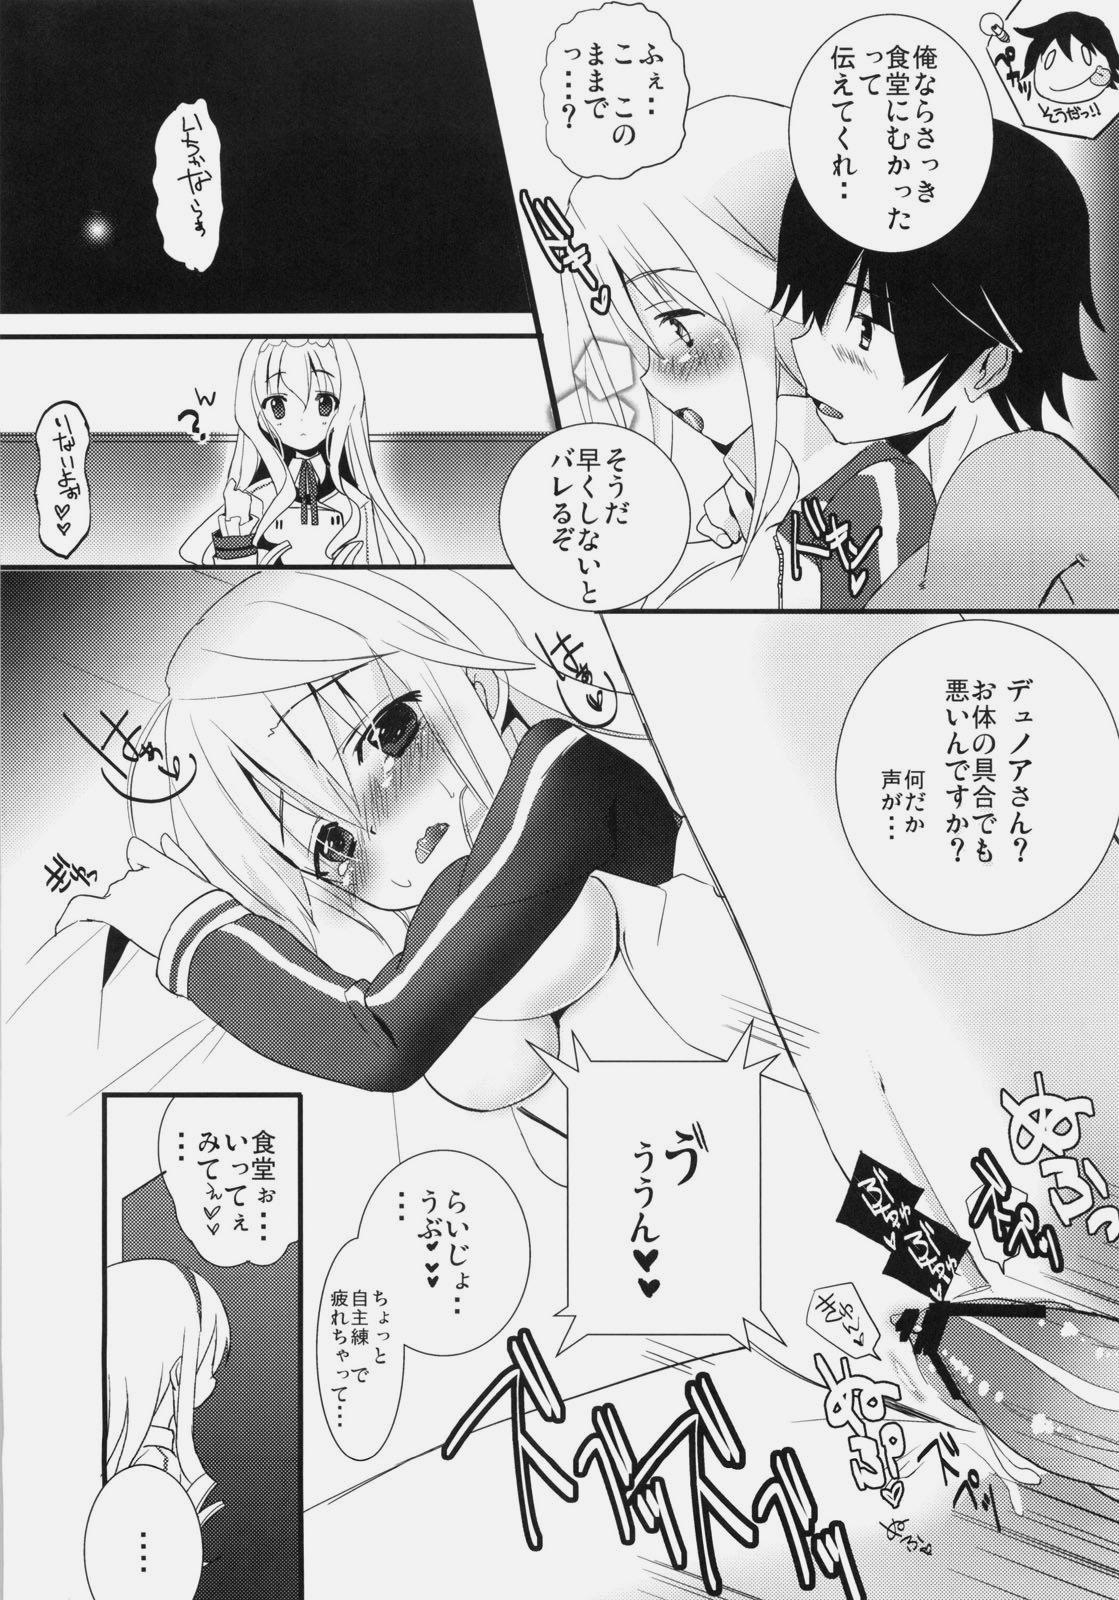 ichica to 9